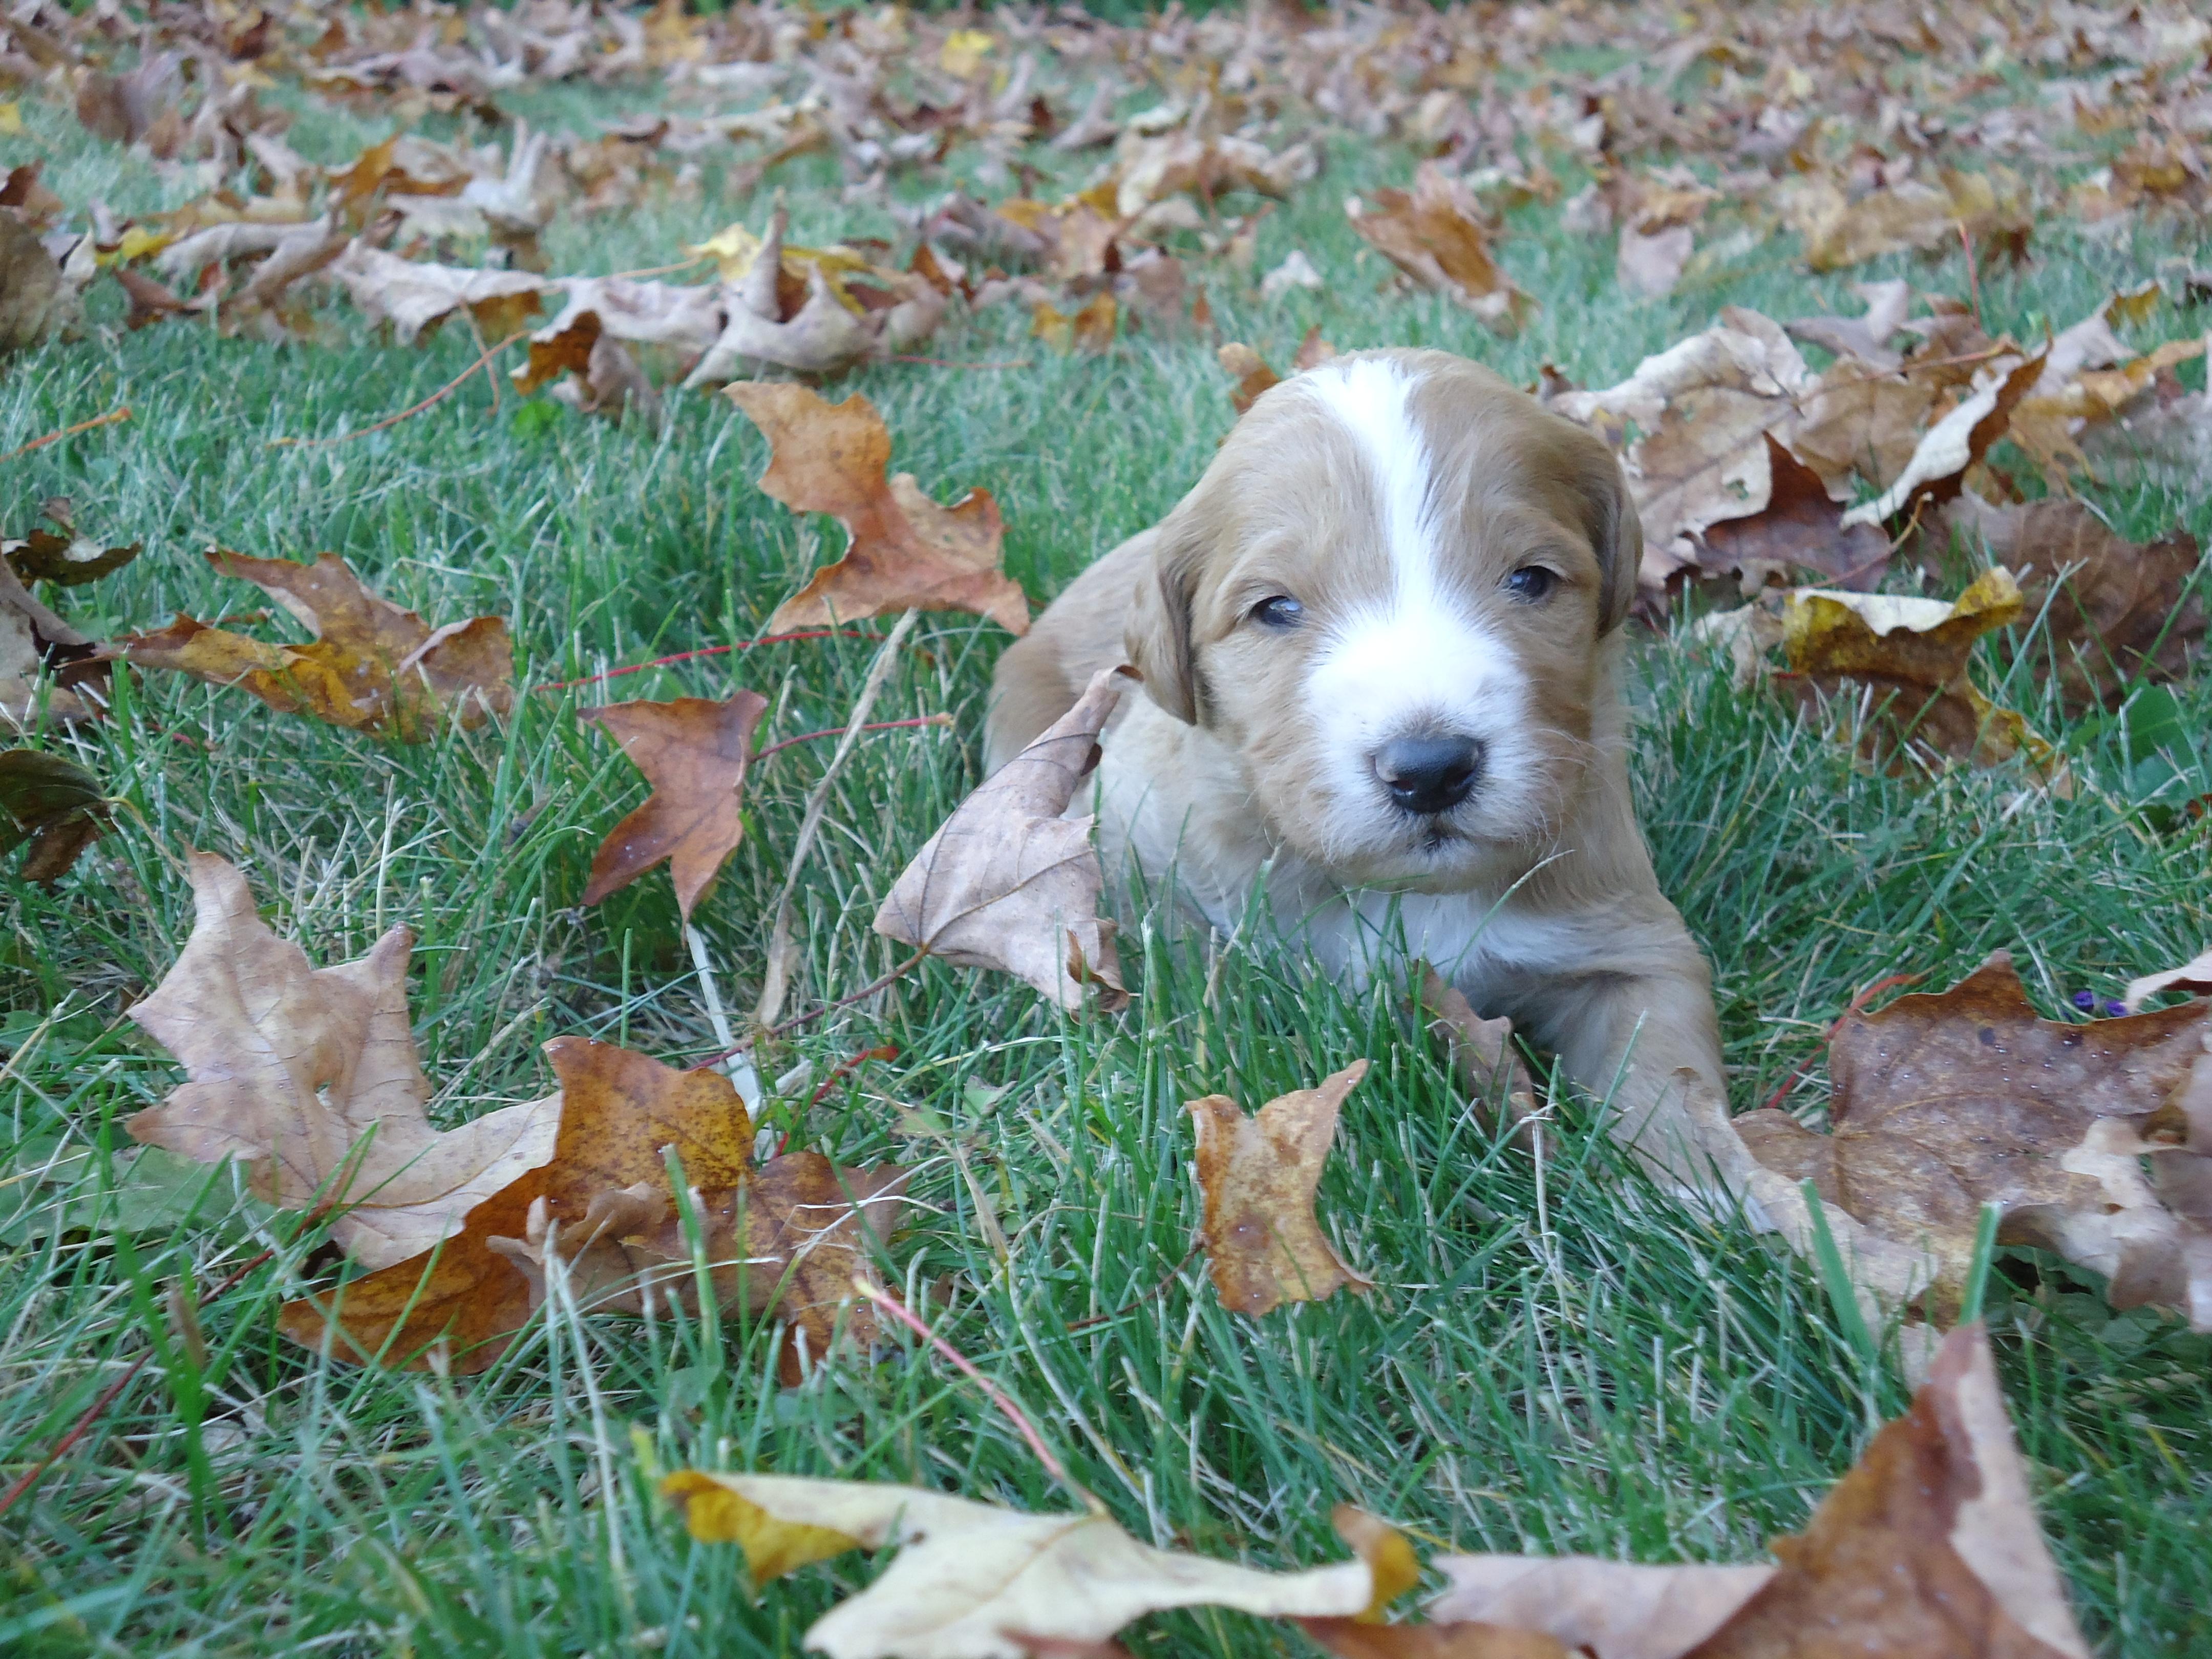 F1b Puppy born September 18, 2015